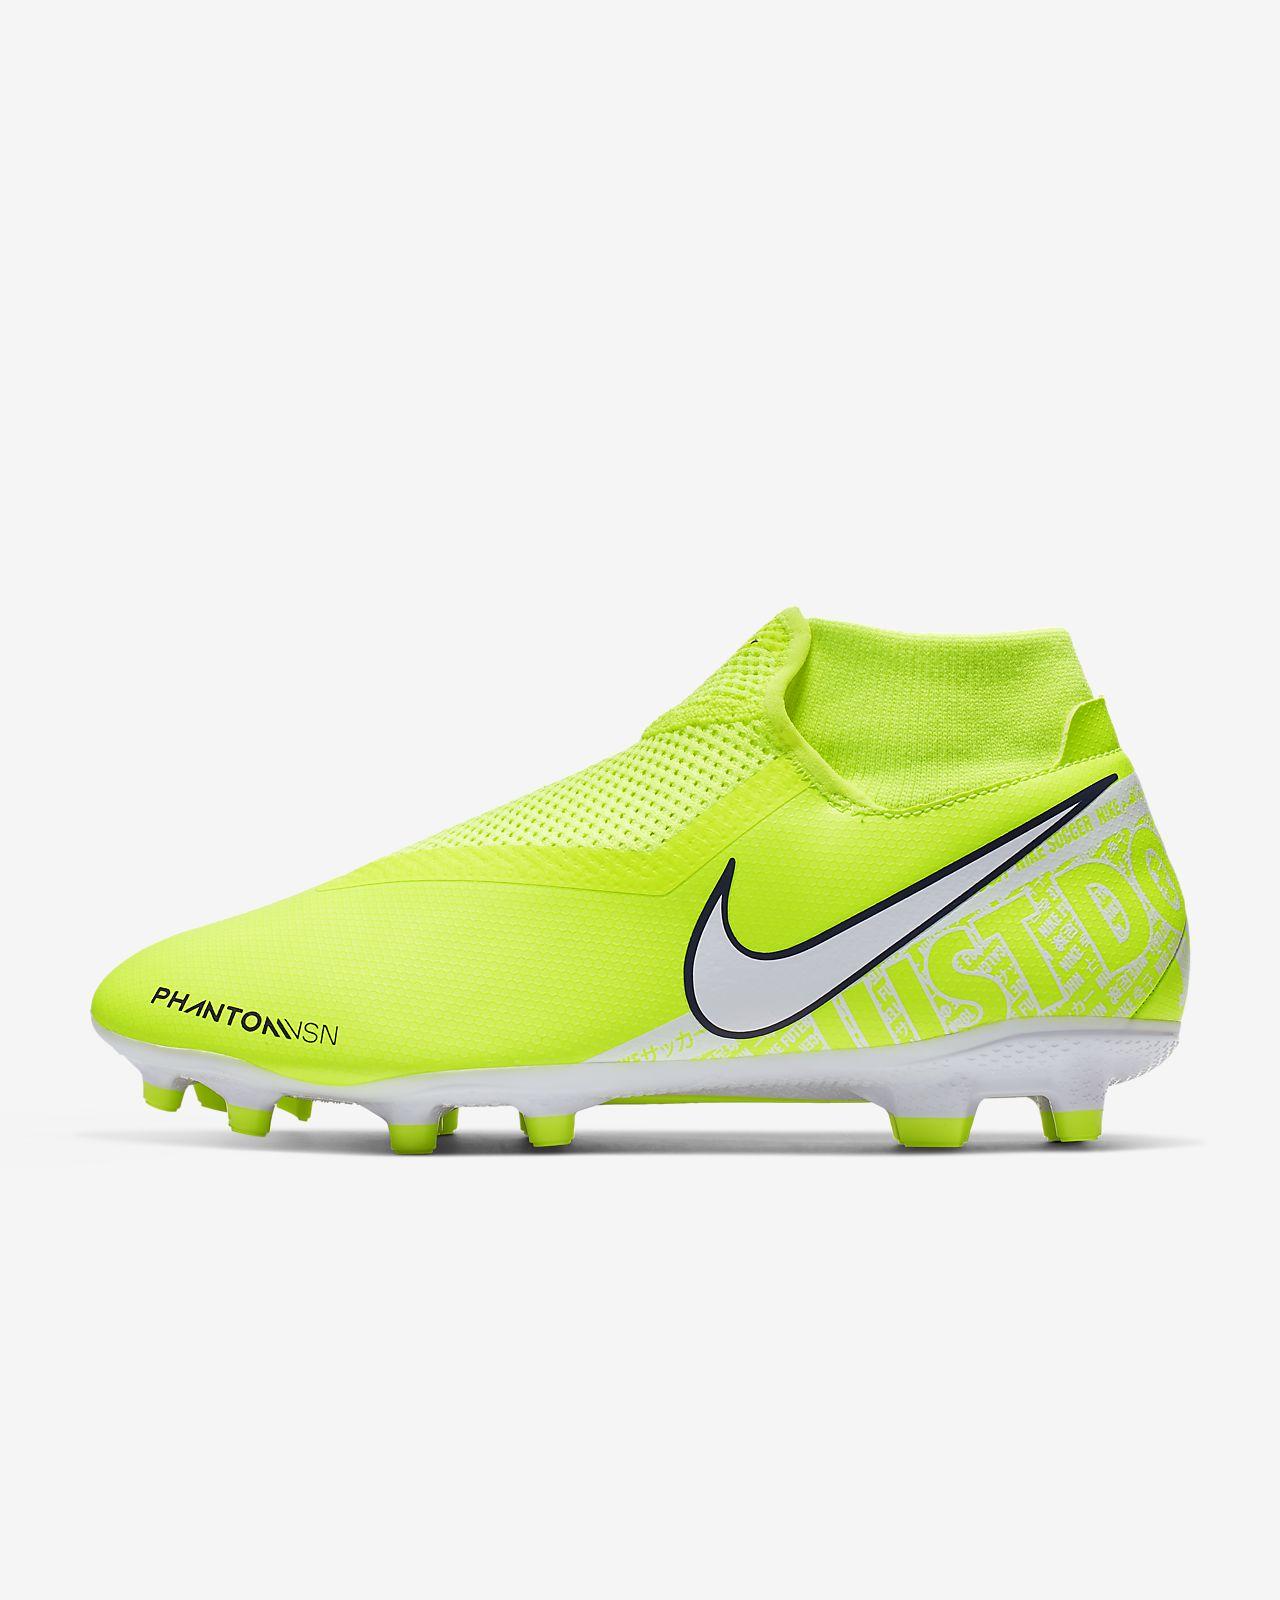 Fotbollssko för varierat underlag Nike Phantom Vision Academy Dynamic Fit MG